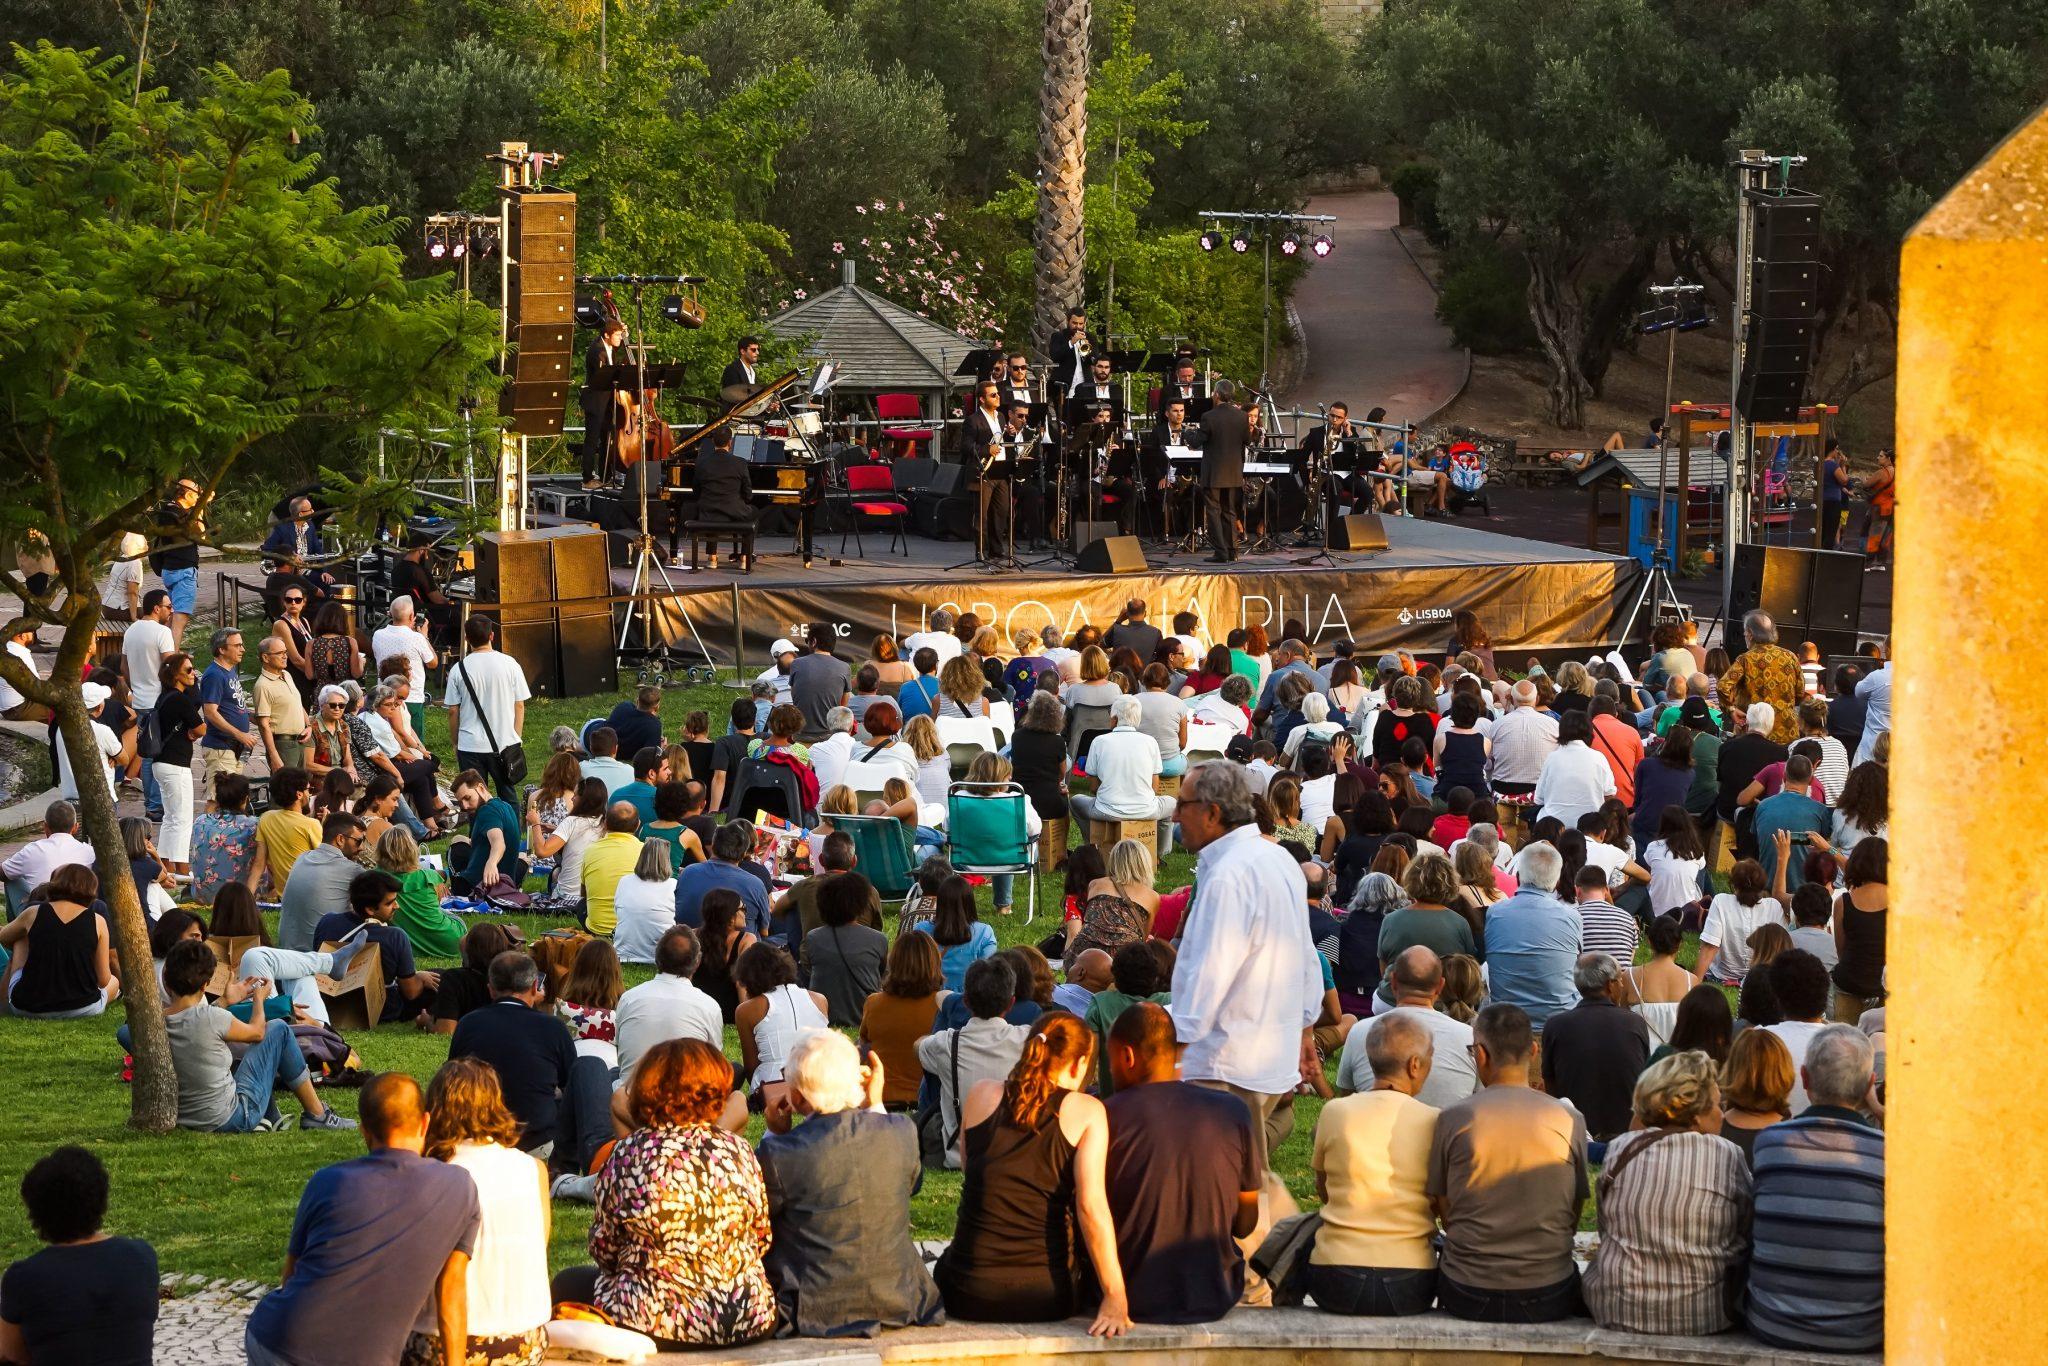 Pessoas sentadas no chão e em cadeiras, de costas para o observador, assistem a espectáculo de músicos em palco, de frente para o observador.